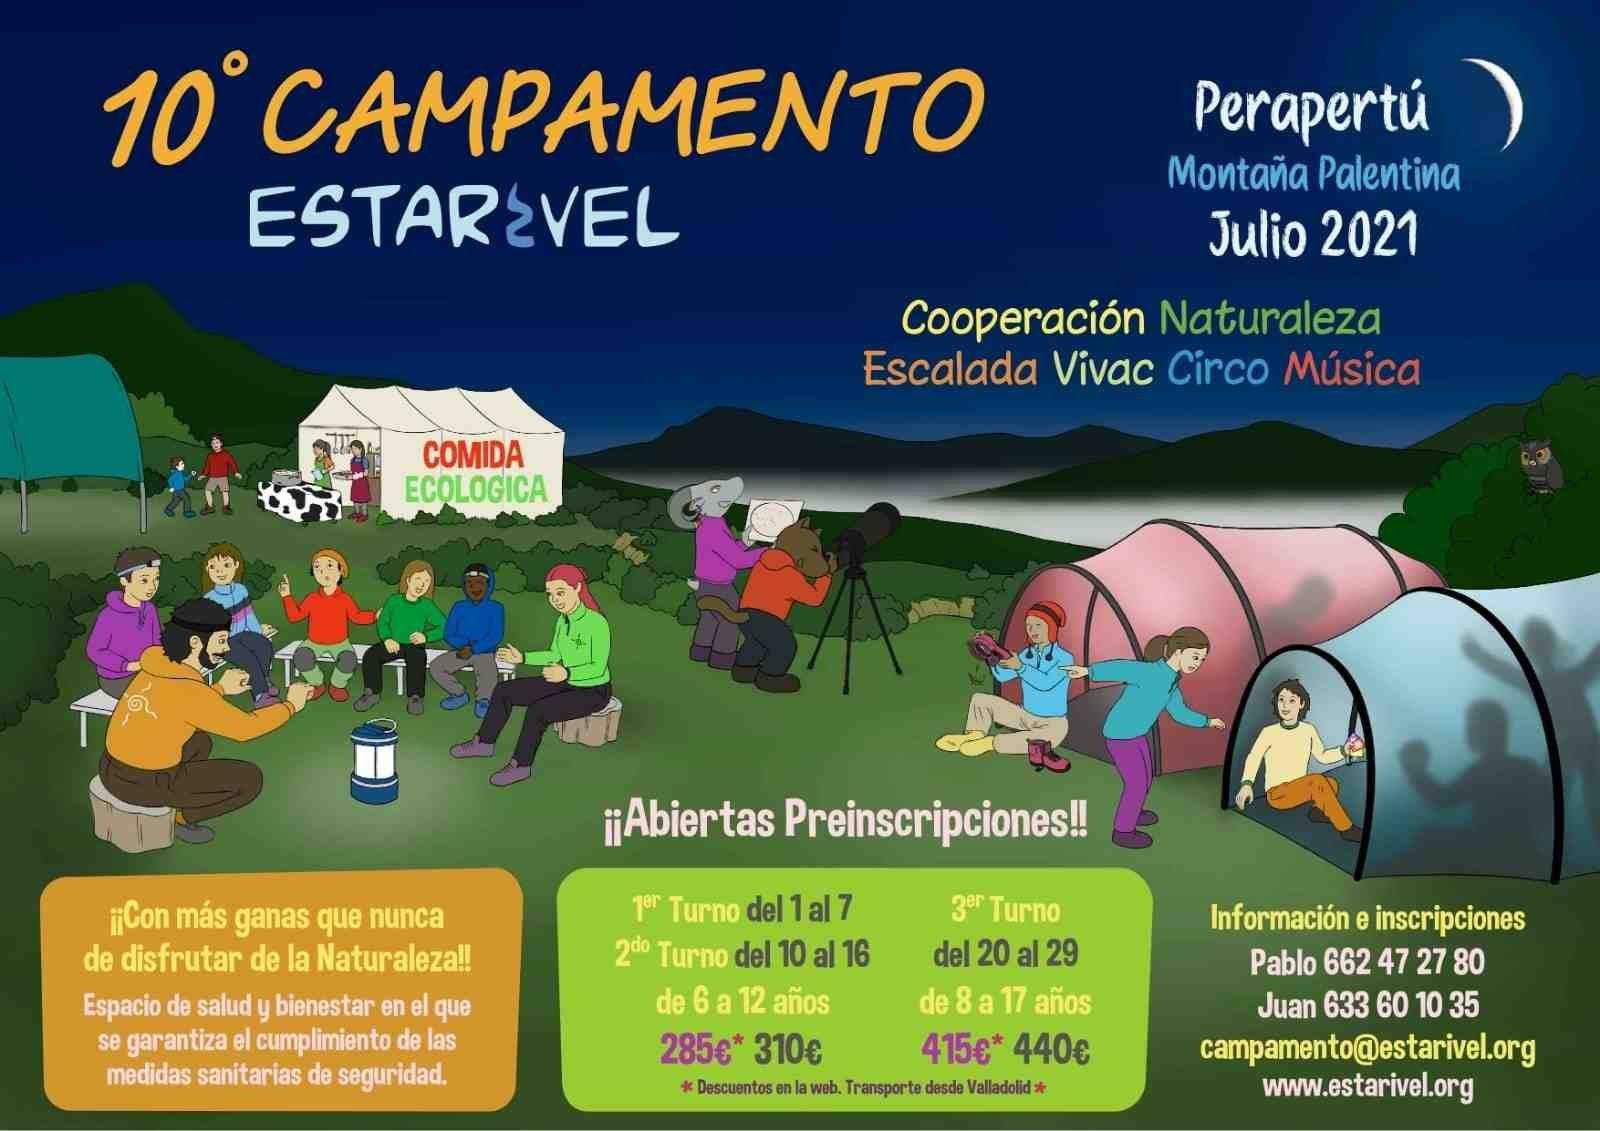 Campamentos de Estarivel